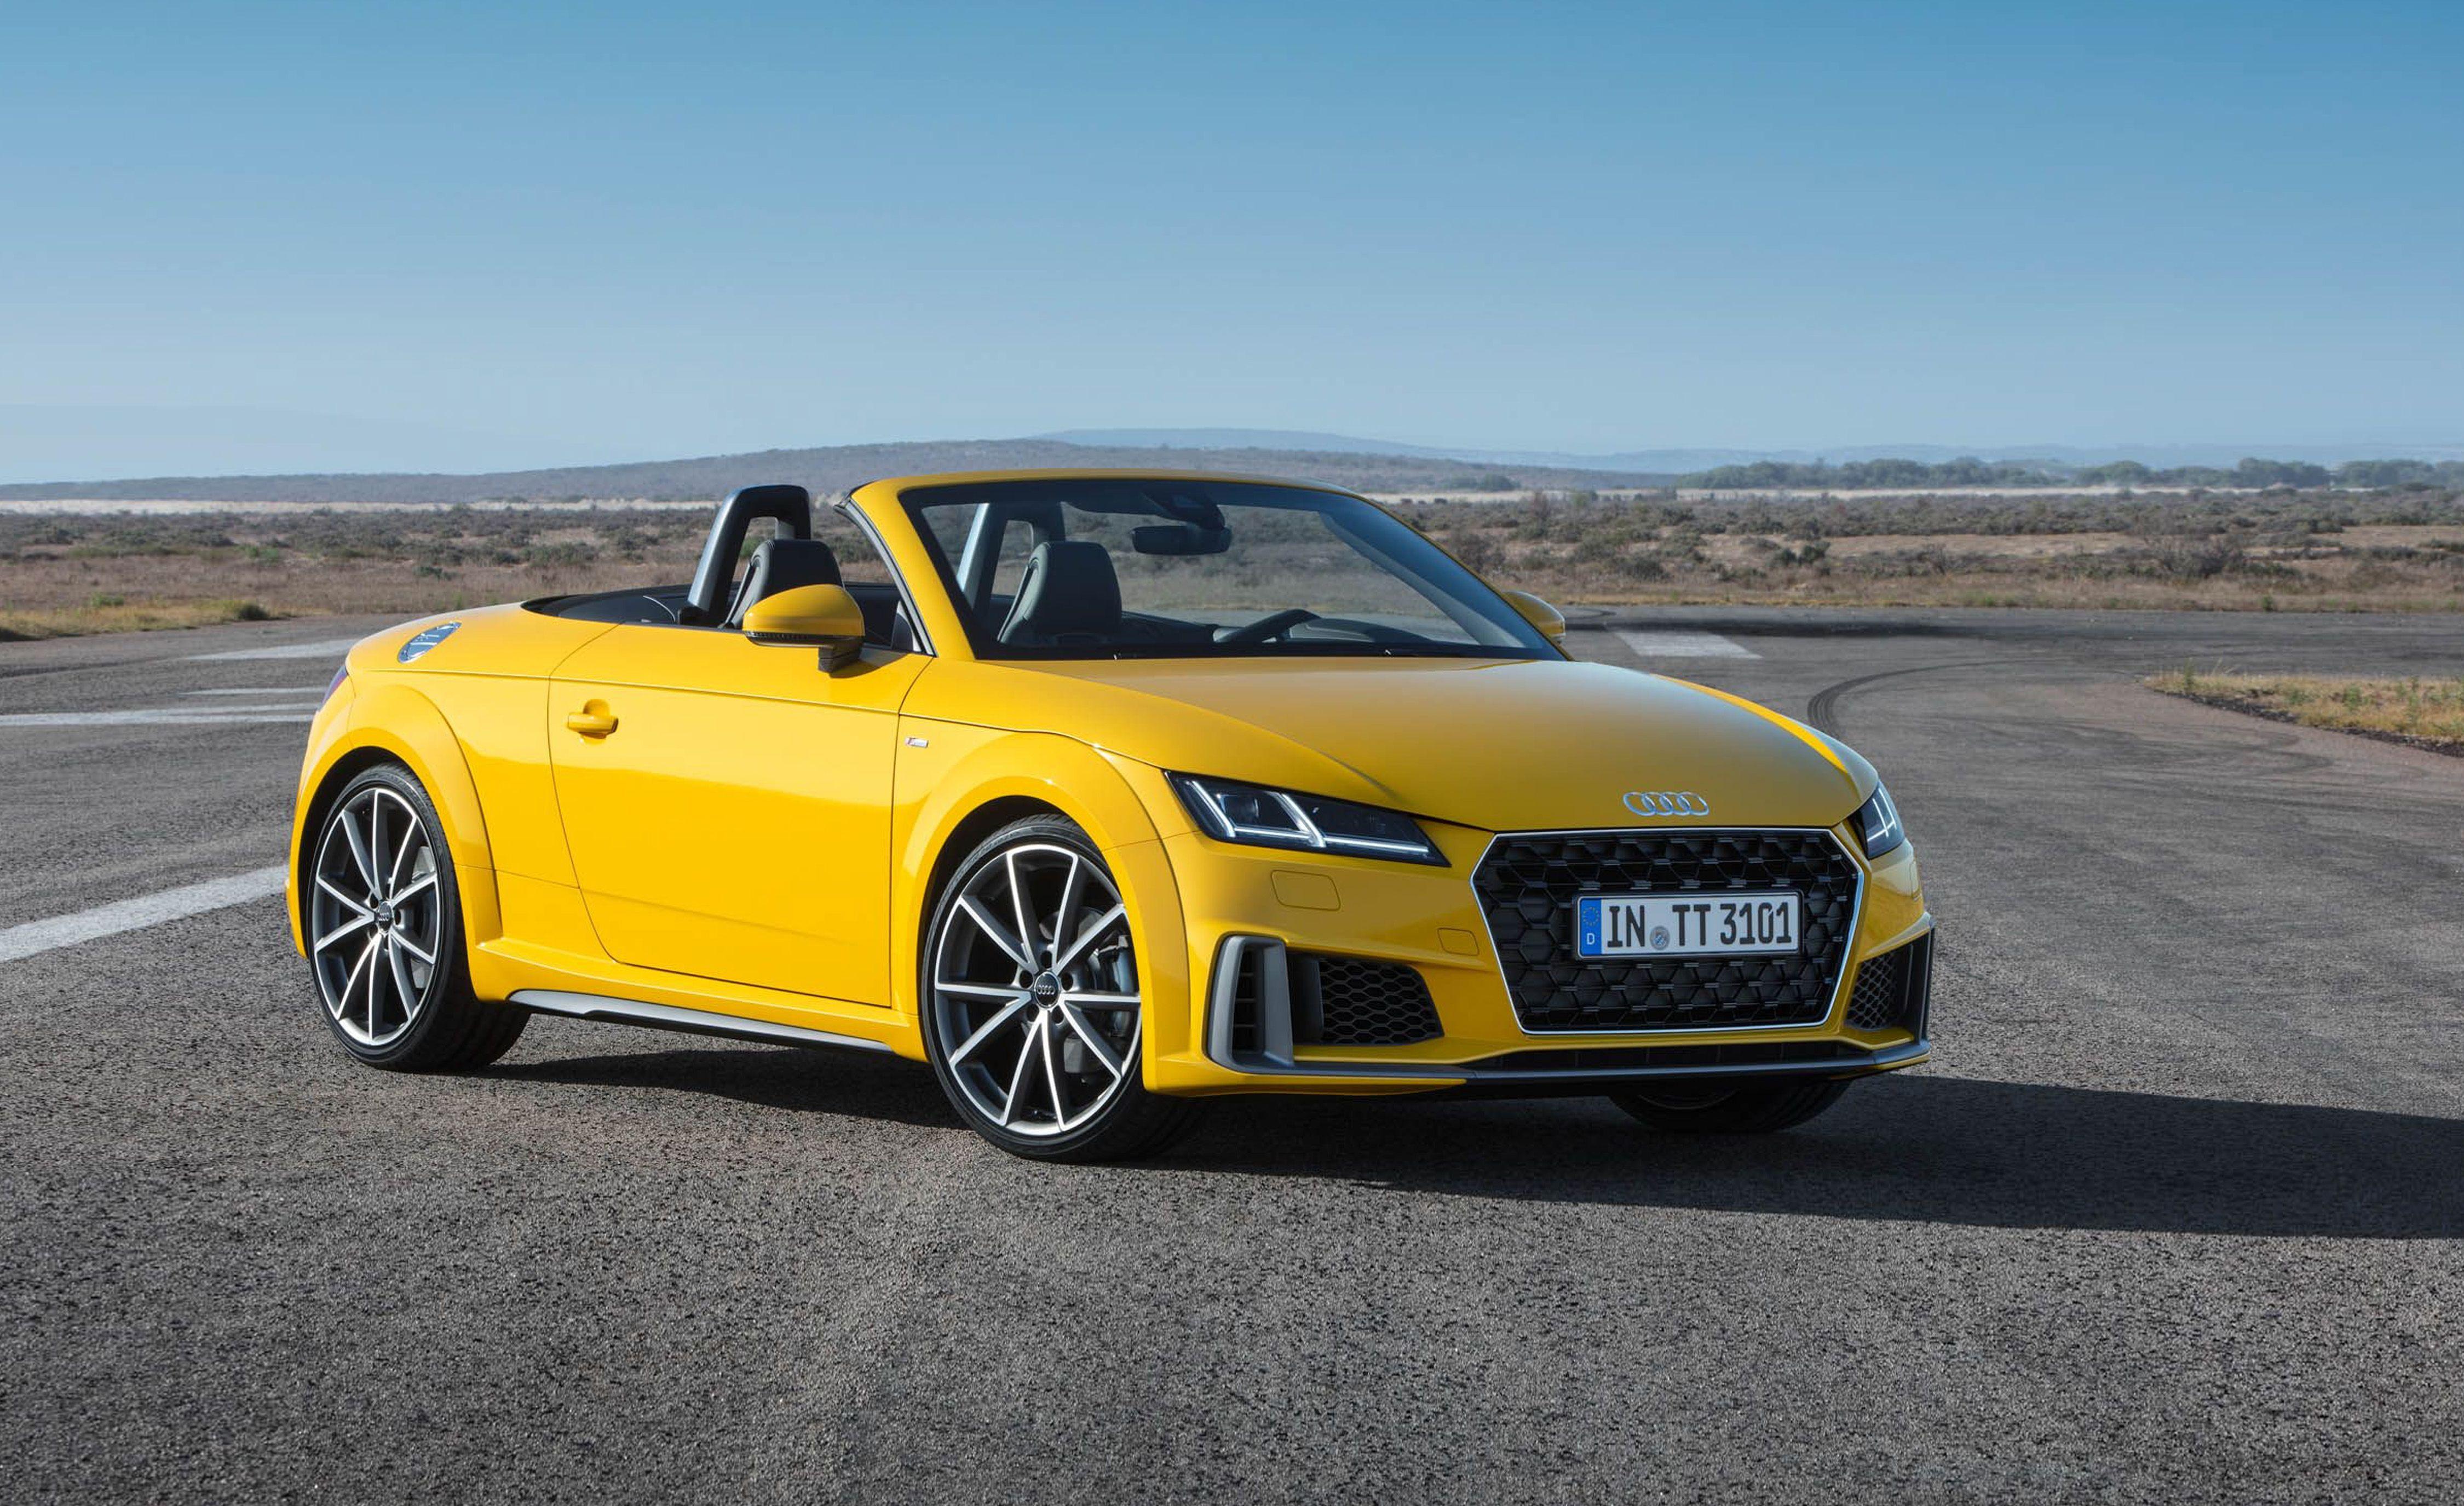 Kekurangan Audi Tt 2019 Top Model Tahun Ini